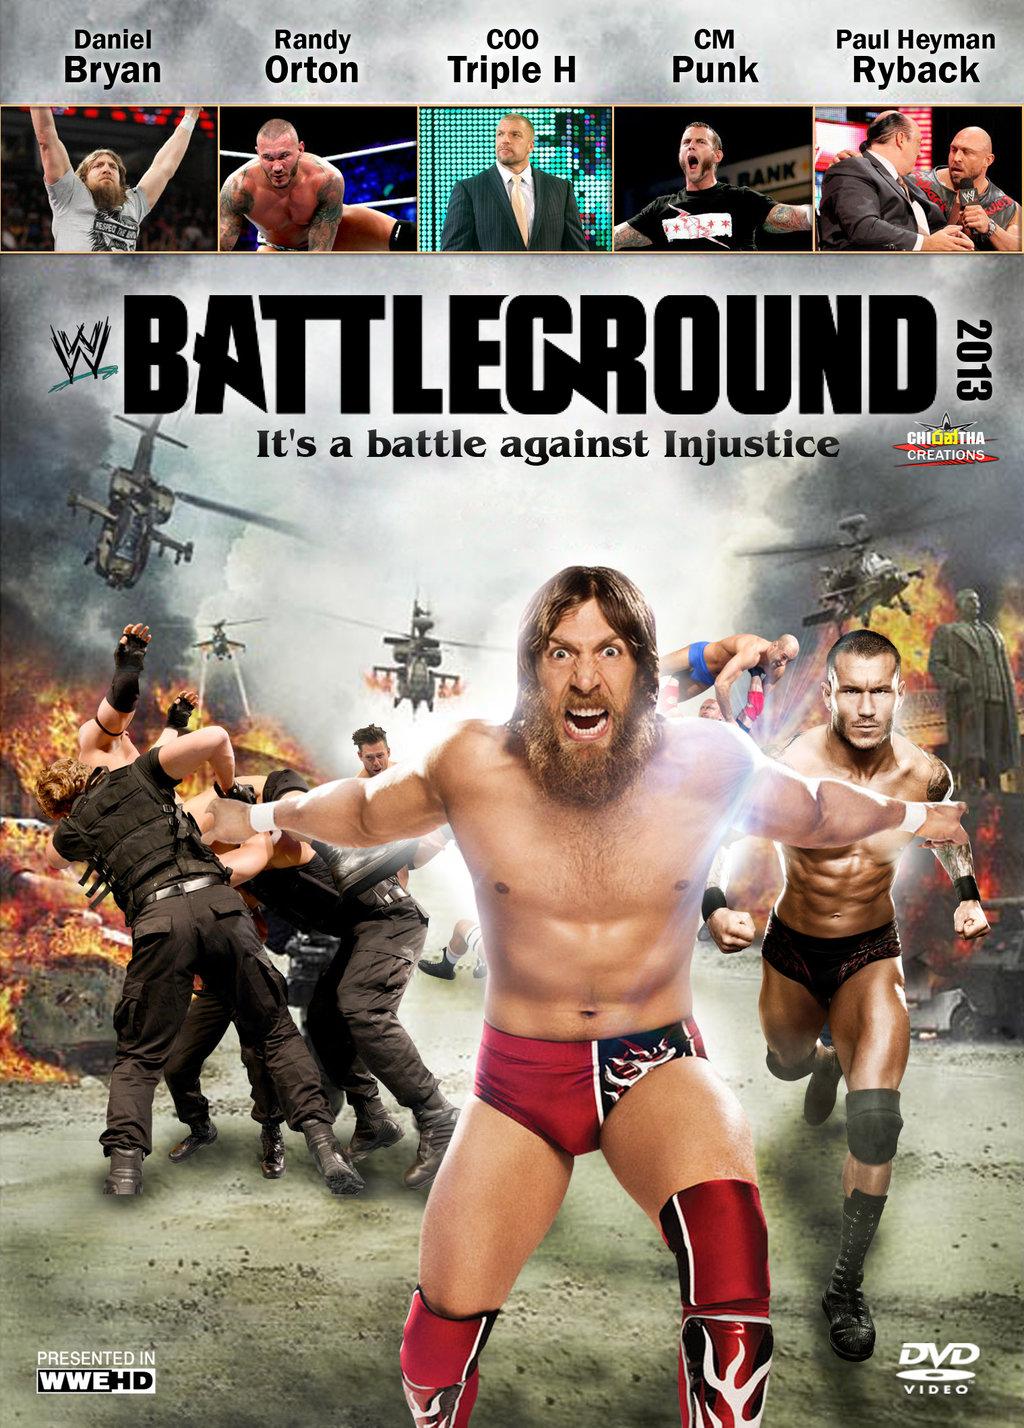 WWE Battleground 2013 Backgrounds on Wallpapers Vista